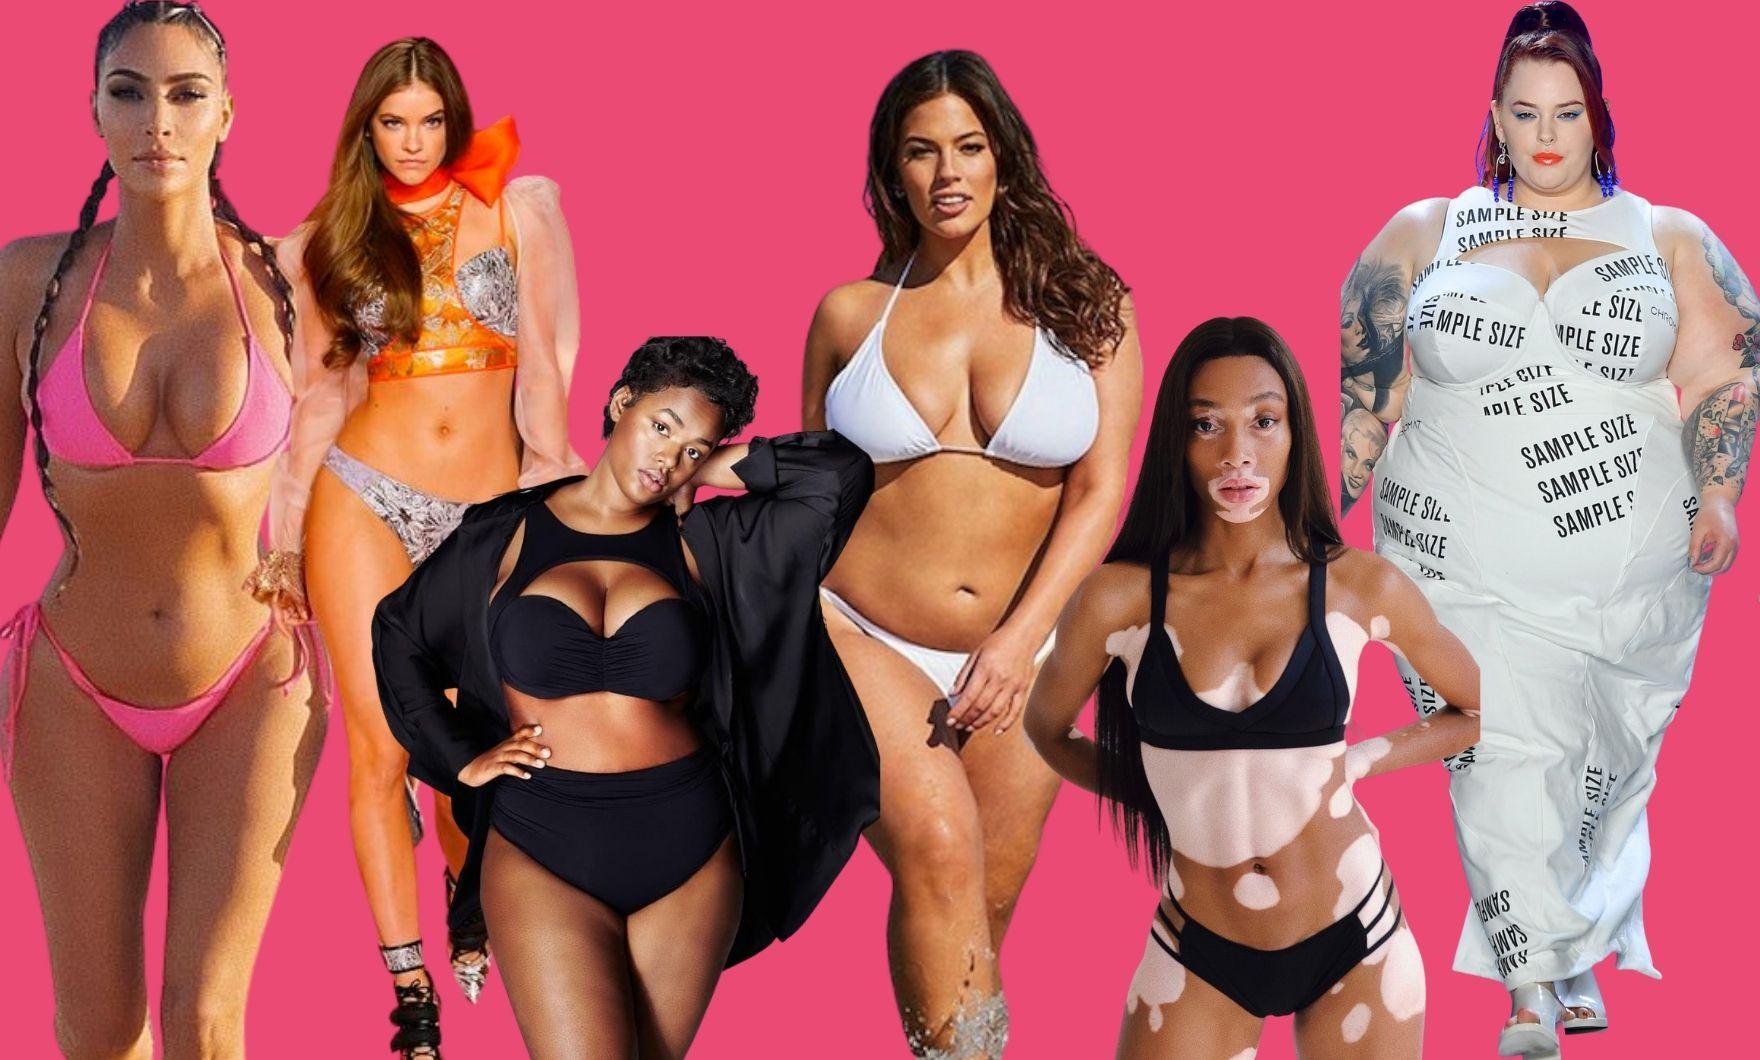 Por que precisamos ver variedade de corpos?